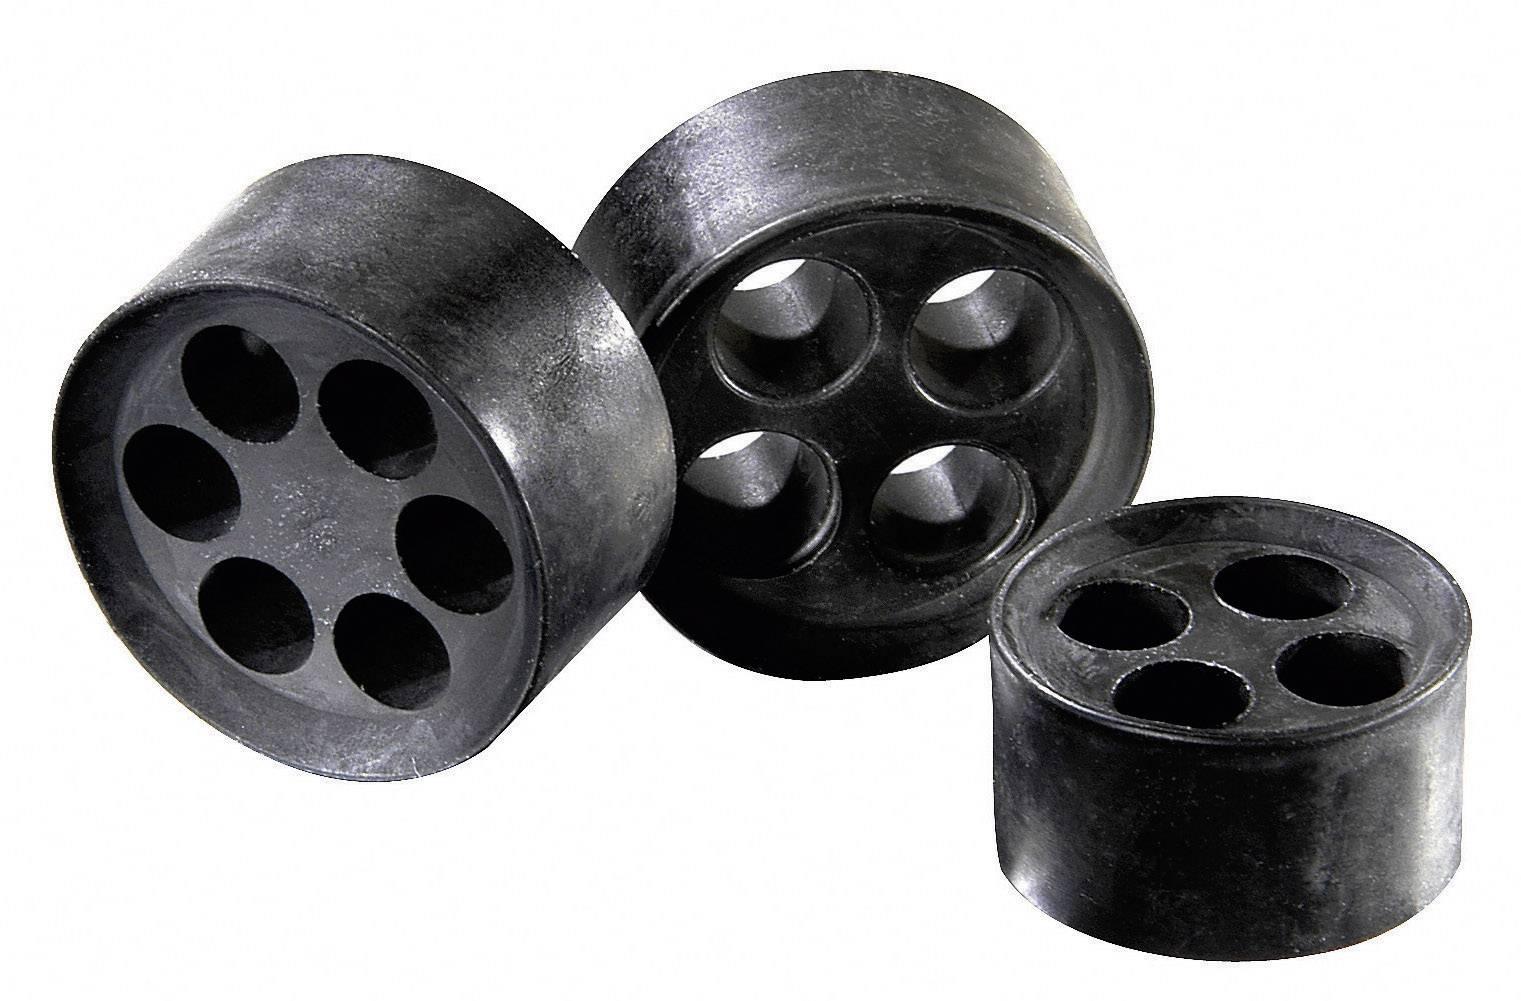 Těsnicí vložka M32 Wiska MFD 32/01/115-01/085 (10101256), IP66, M32, elastomer, černá